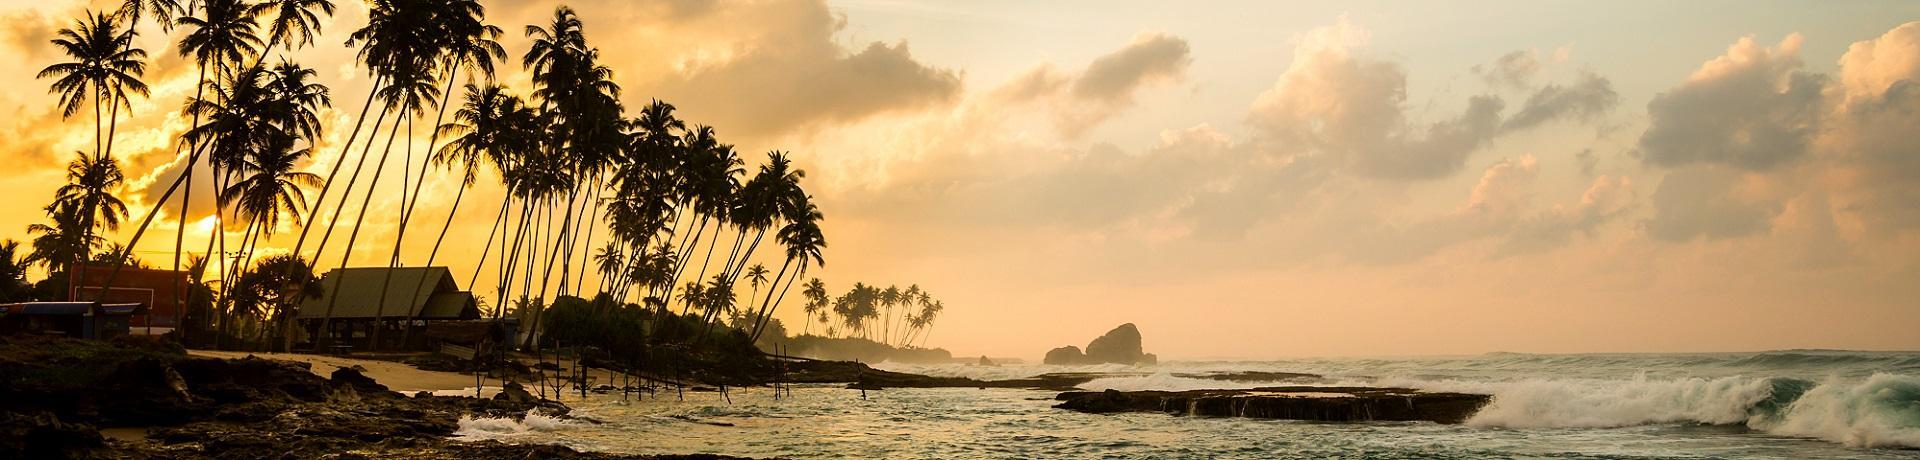 Sri Lanka: Strand Sonnenuntergang - Emotion